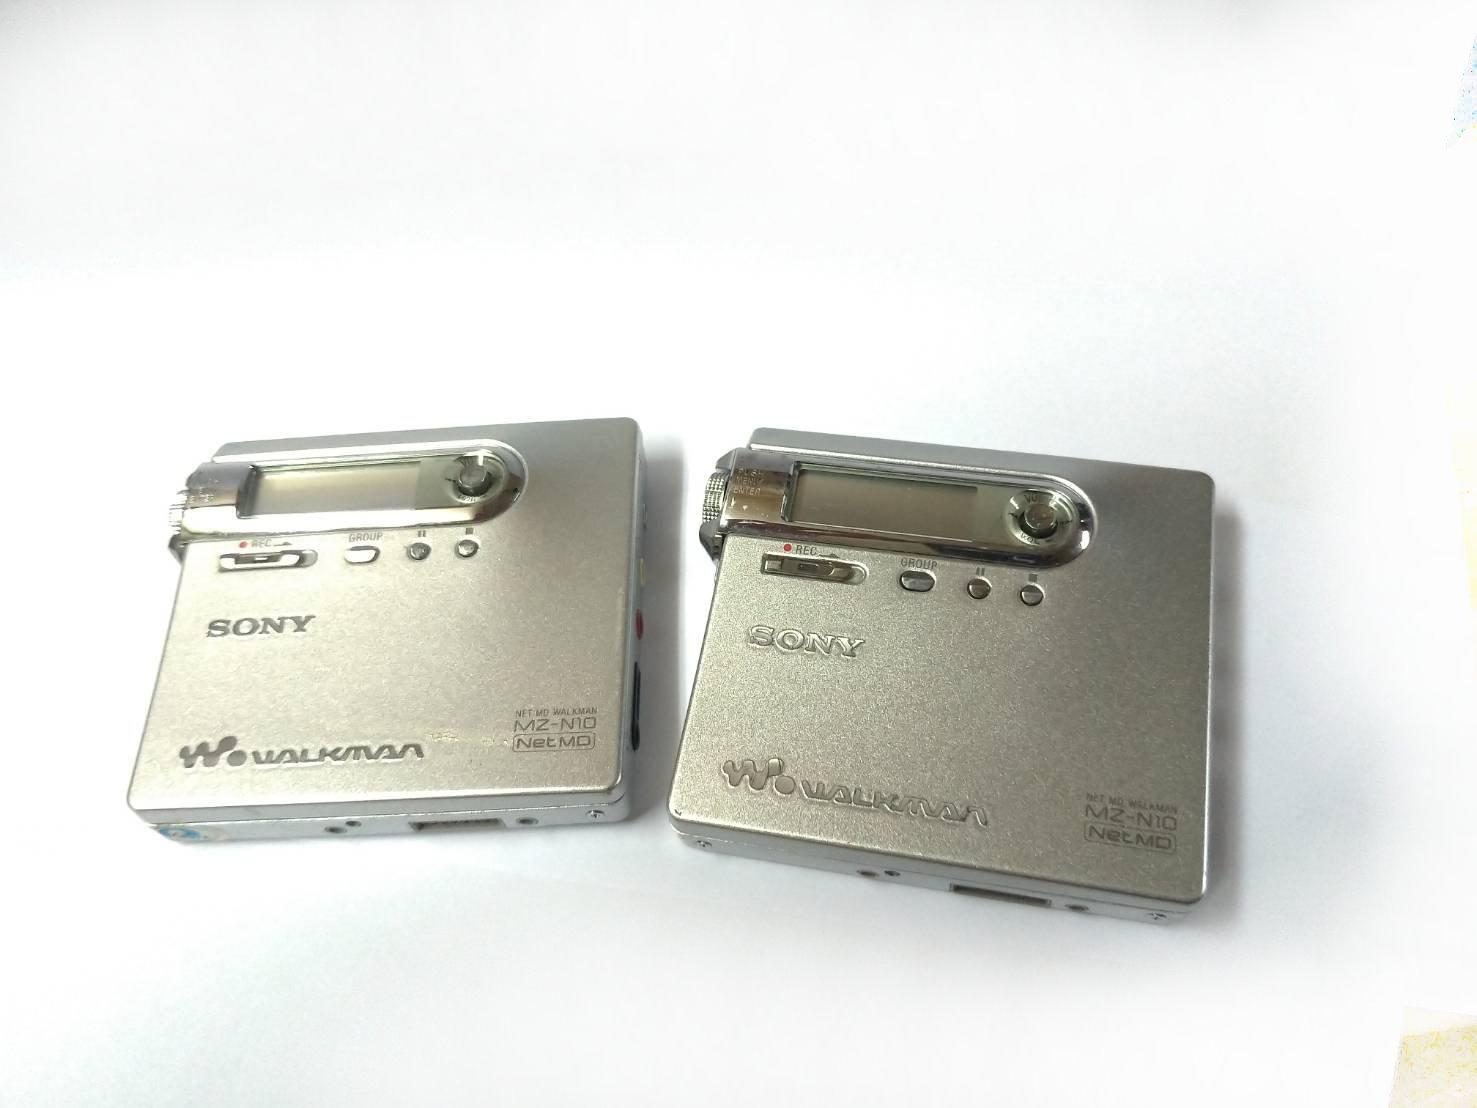 ☆手機寶藏點☆  SONY MZ-N10 MD 錄放隨身聽 錄放機 錄音筆 密錄 CD撥放 錄音(得標1台)